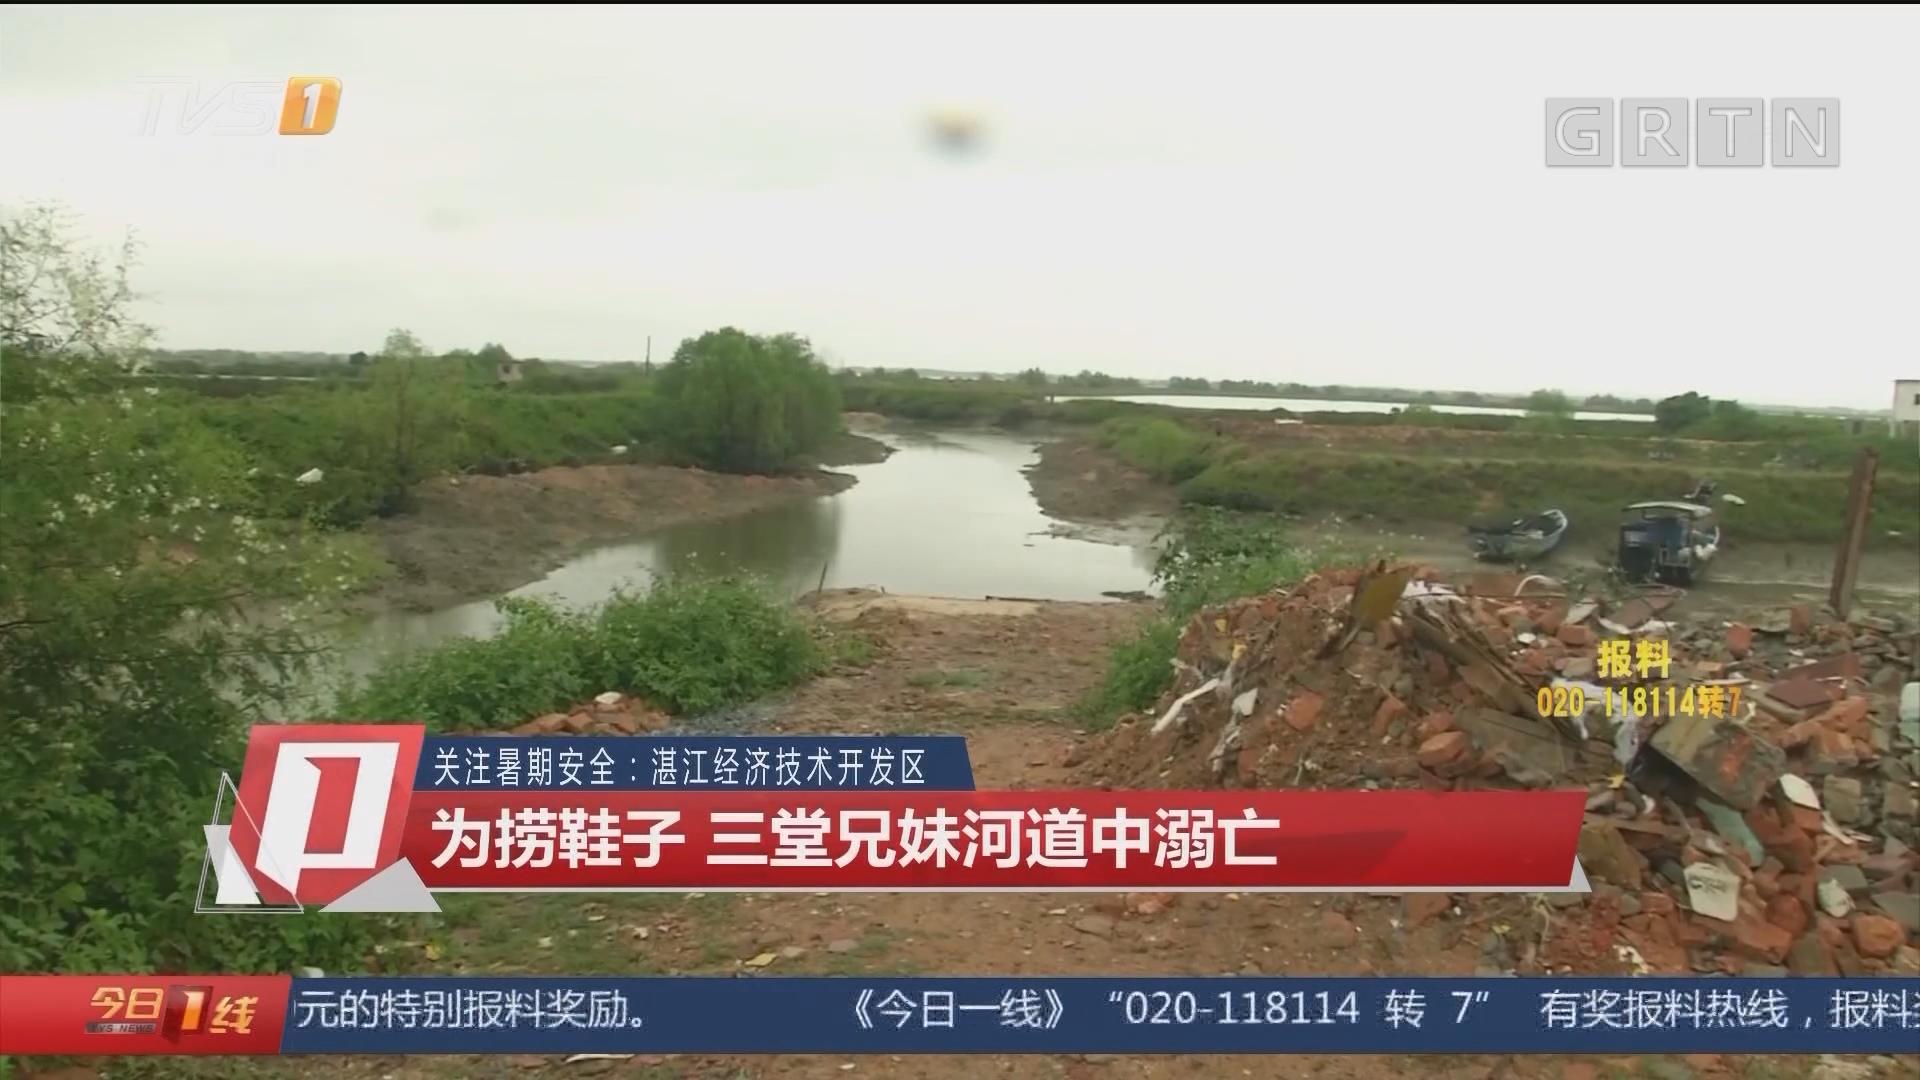 关注暑期安全:湛江经济技术开发区 为捞鞋子 三堂兄妹河道中溺亡